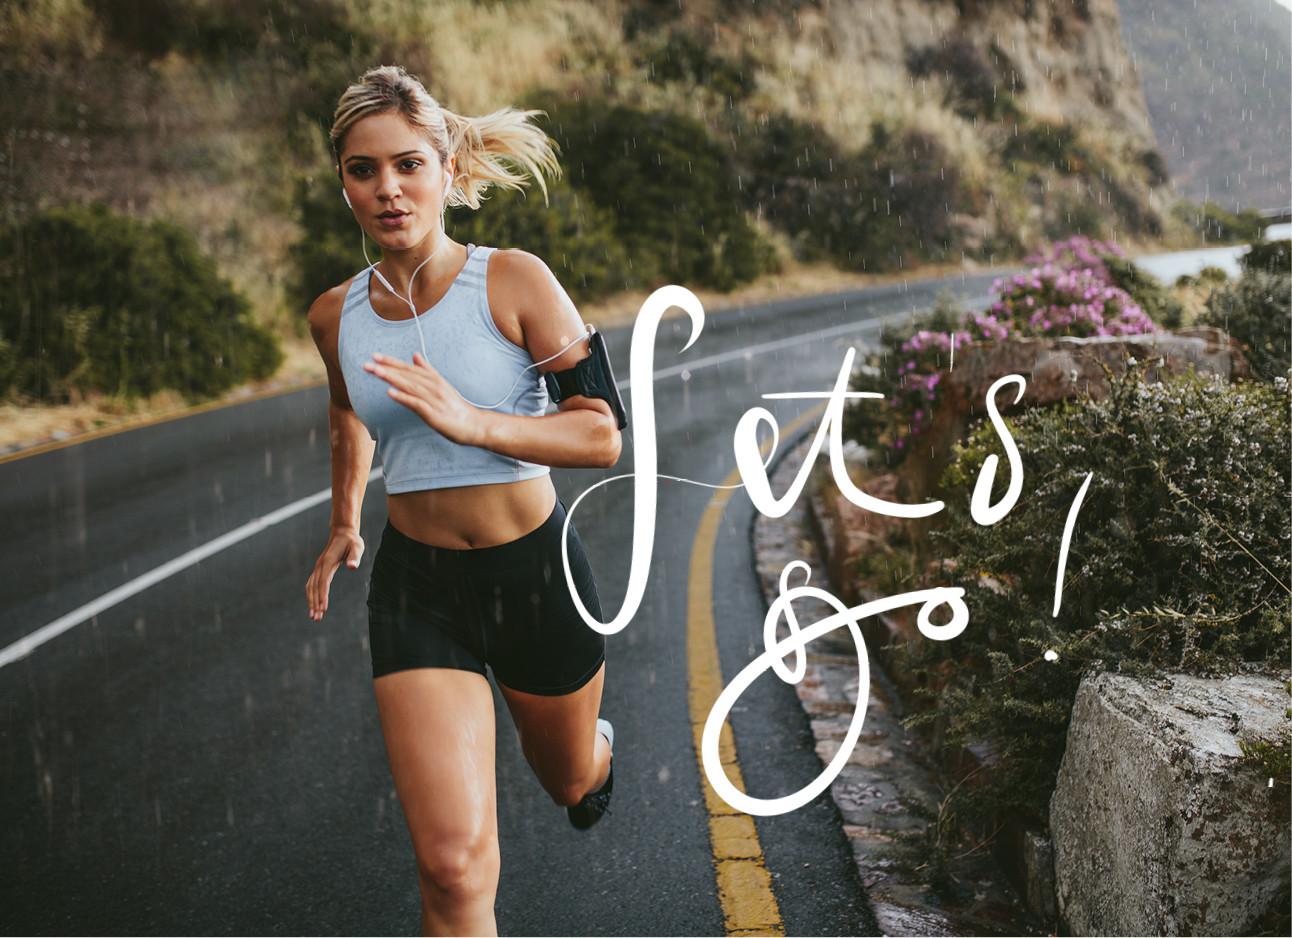 vrouw rennen door de regen